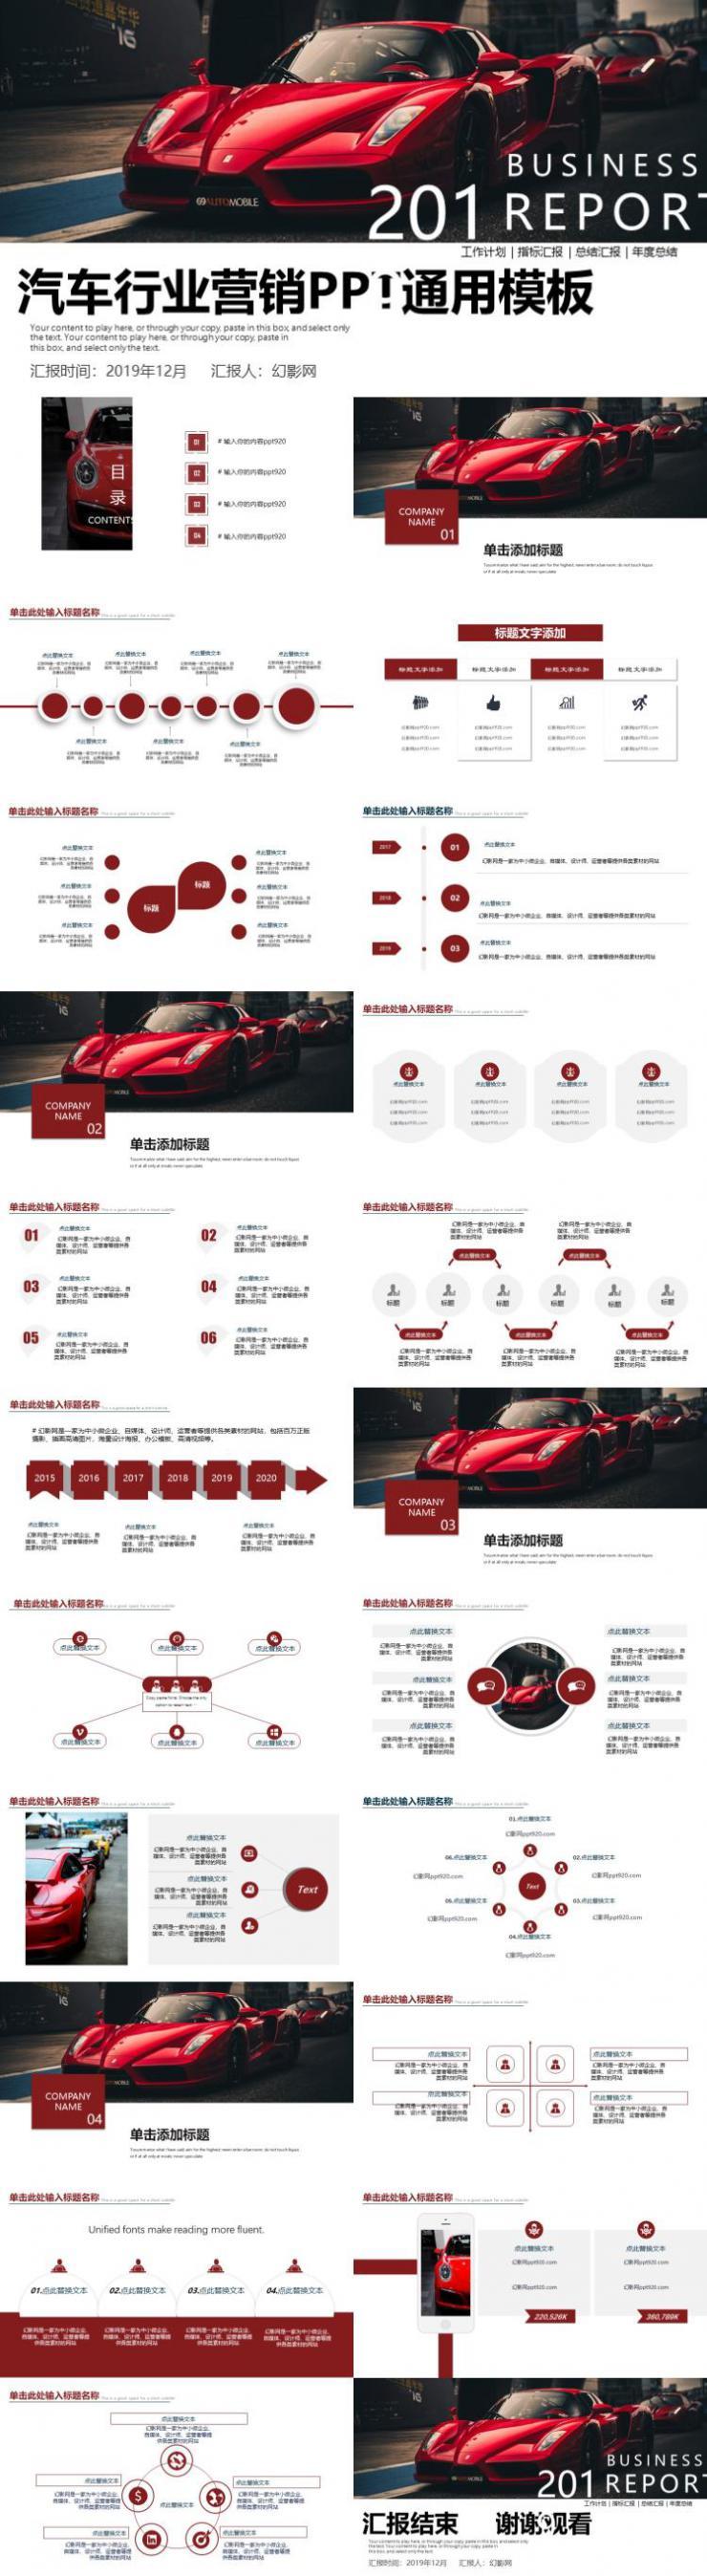 汽车行业营销PPT模板下载